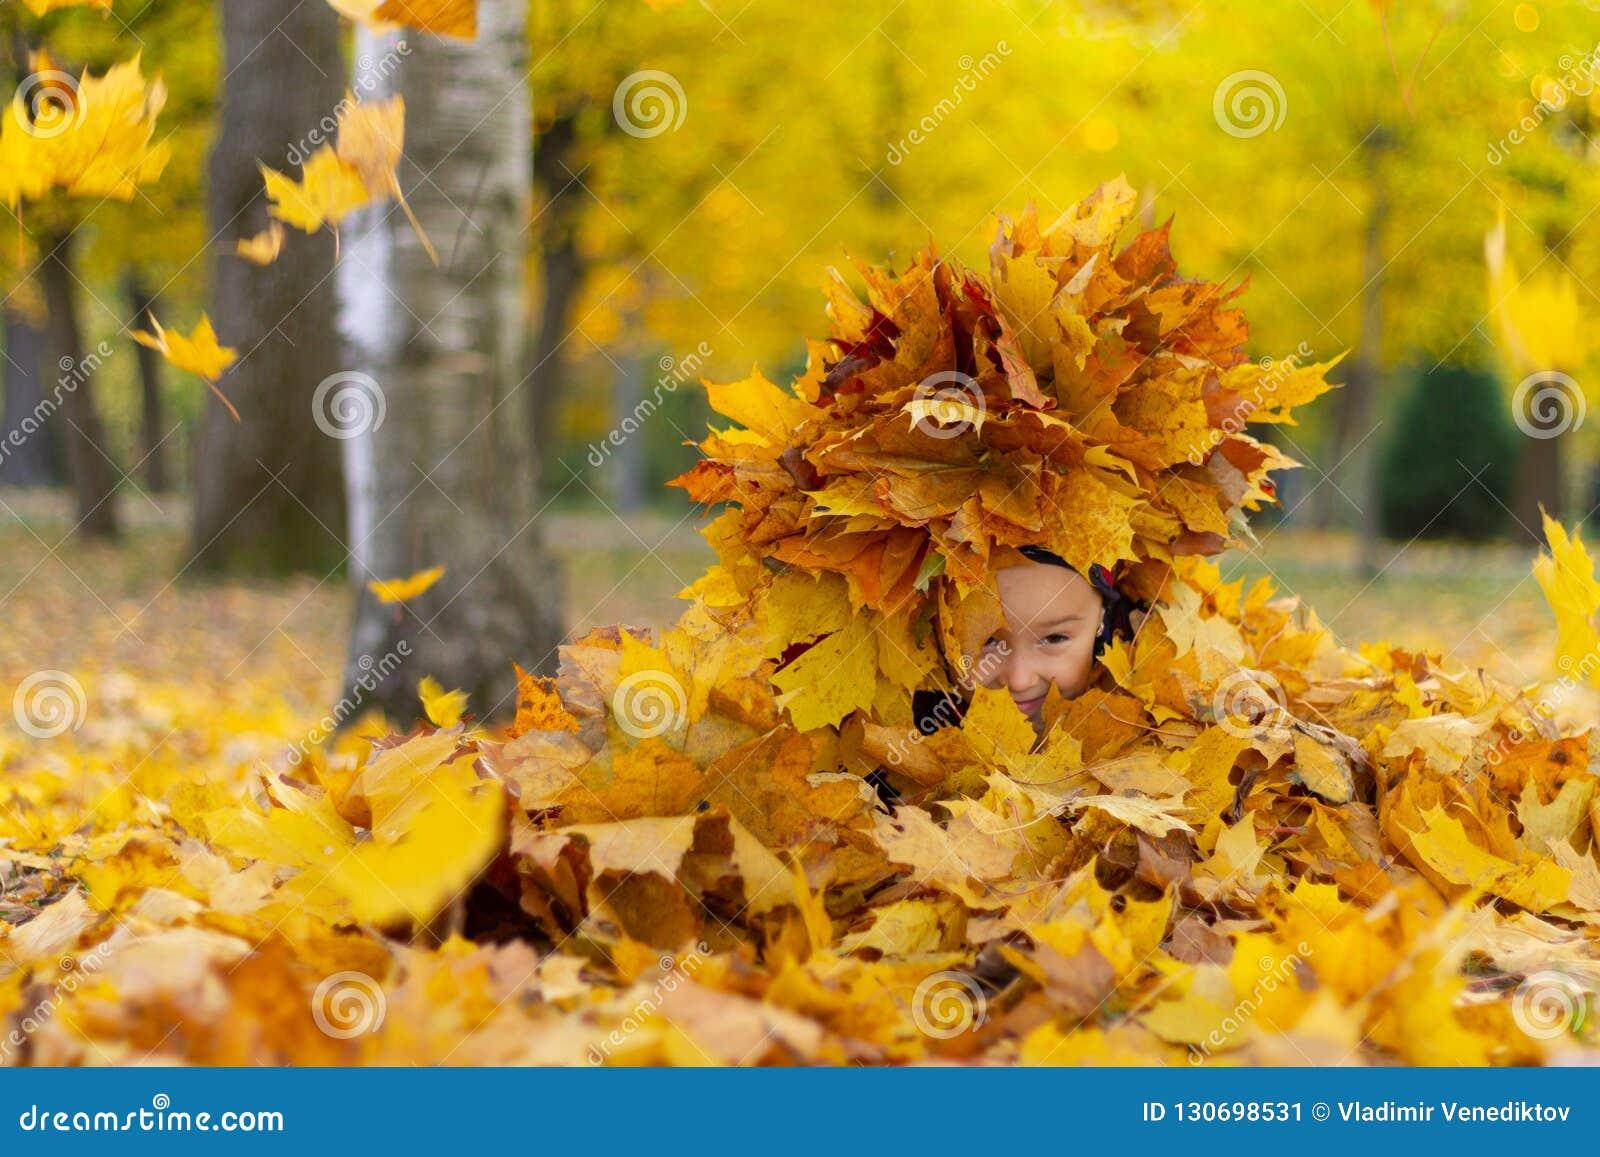 Счастливая маленькая девочка играет с листьями осени в парке